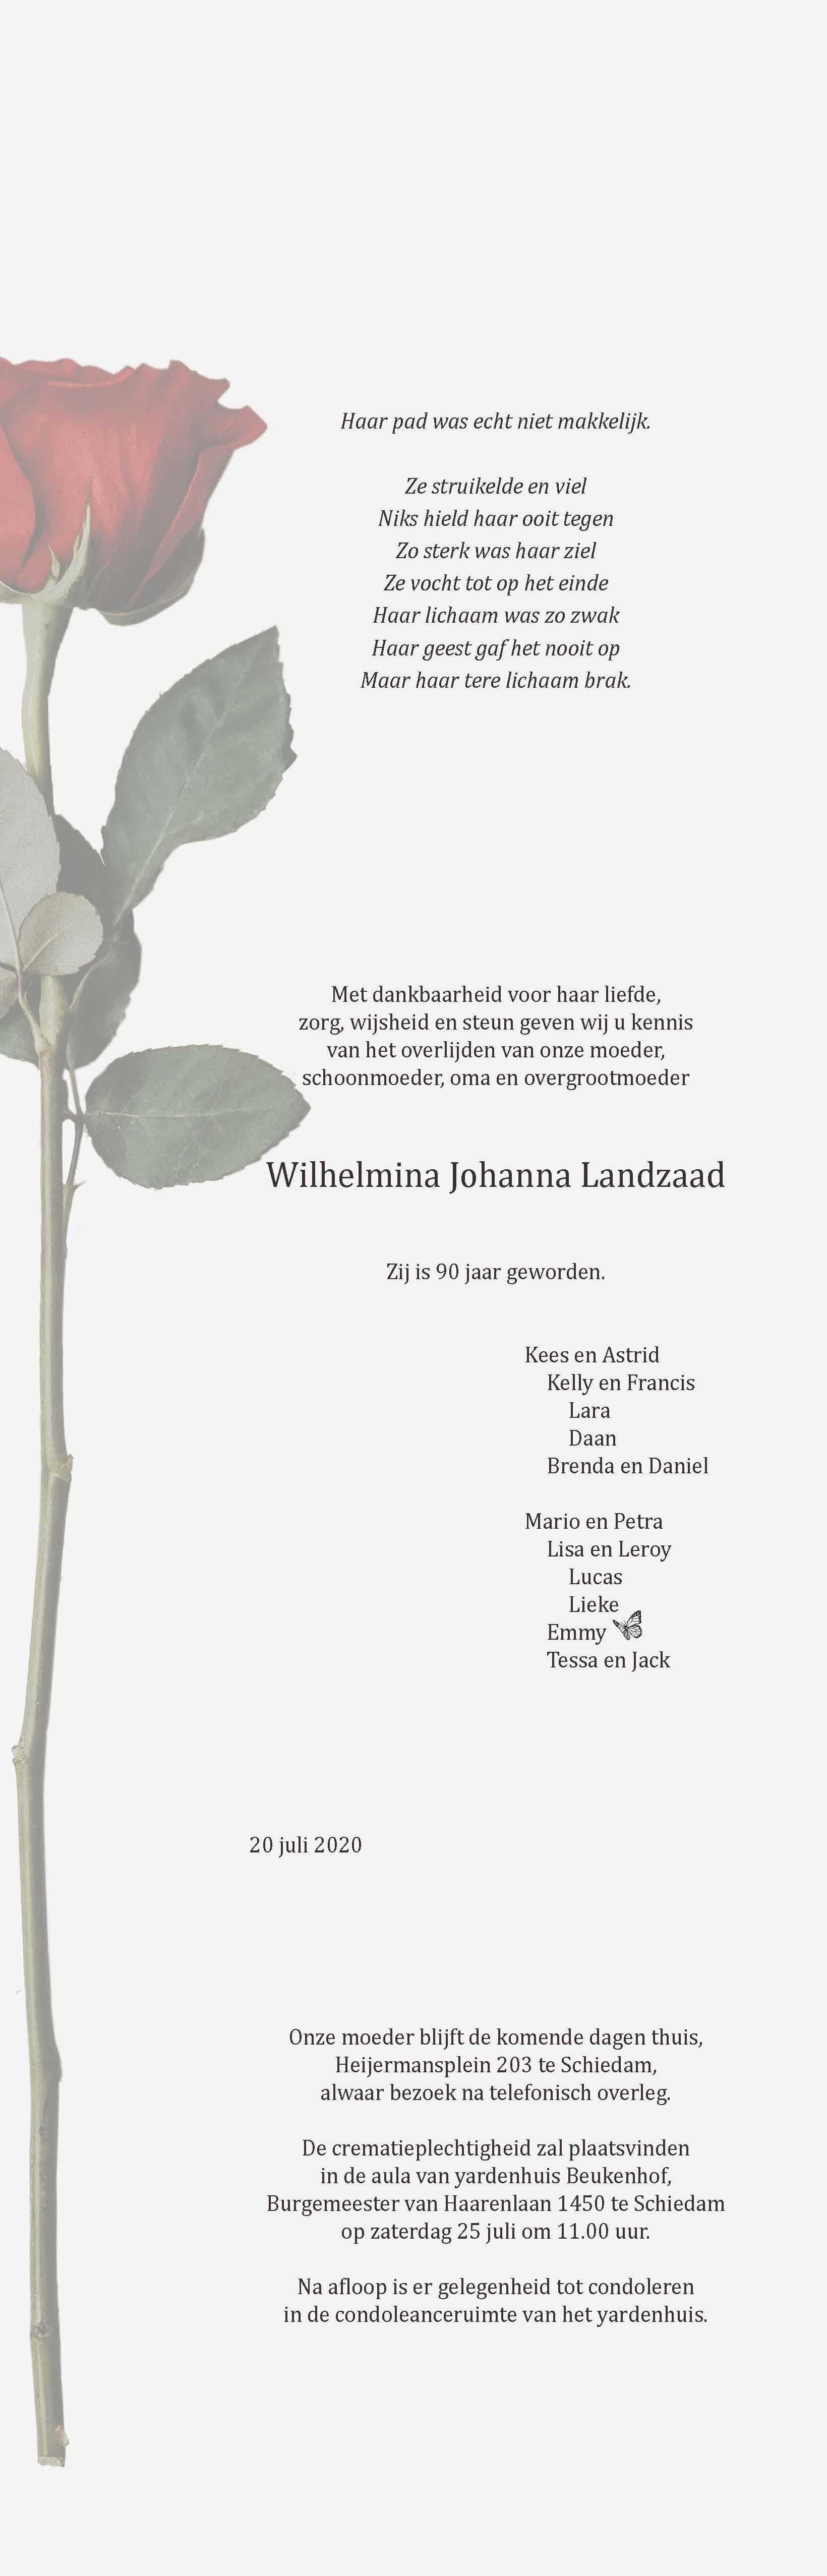 Wilhelmina Johanna Landzaad Death notice